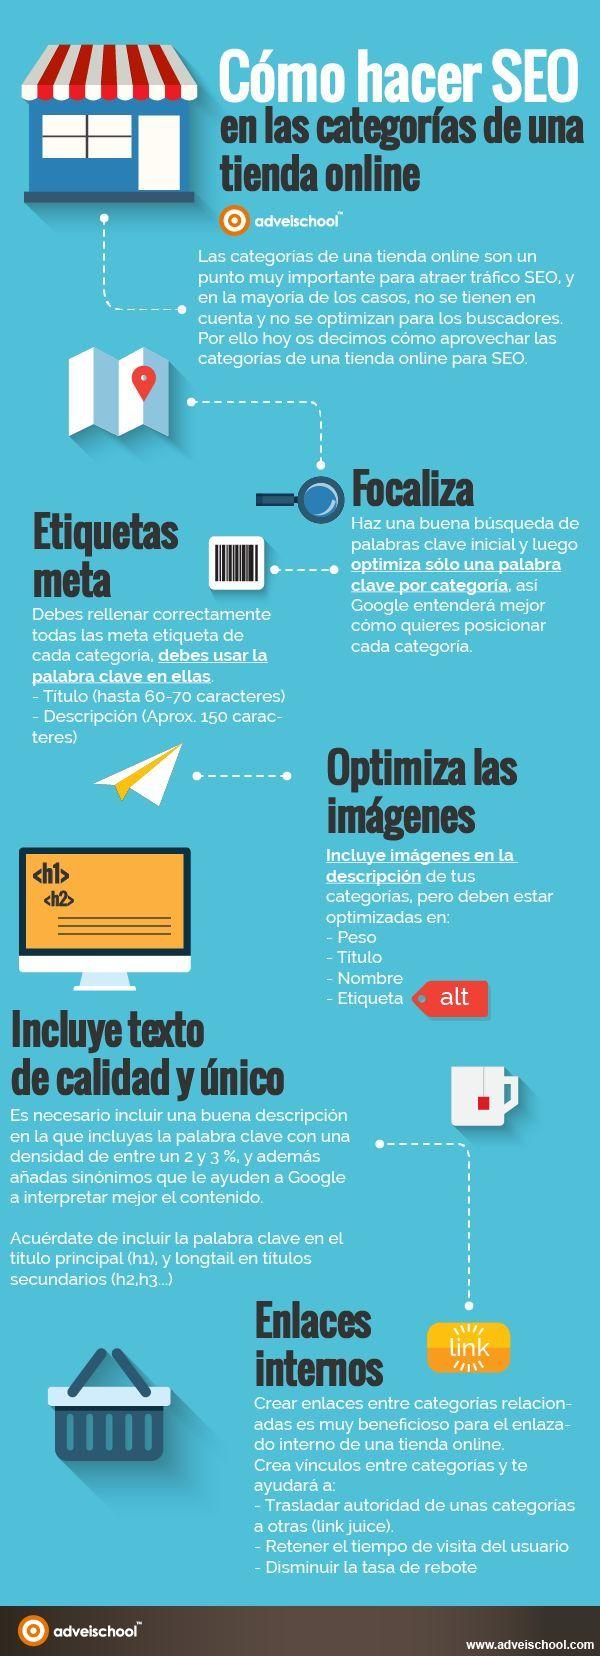 Cómo hacer SEO en las Categorías de una Tienda Online #infografia